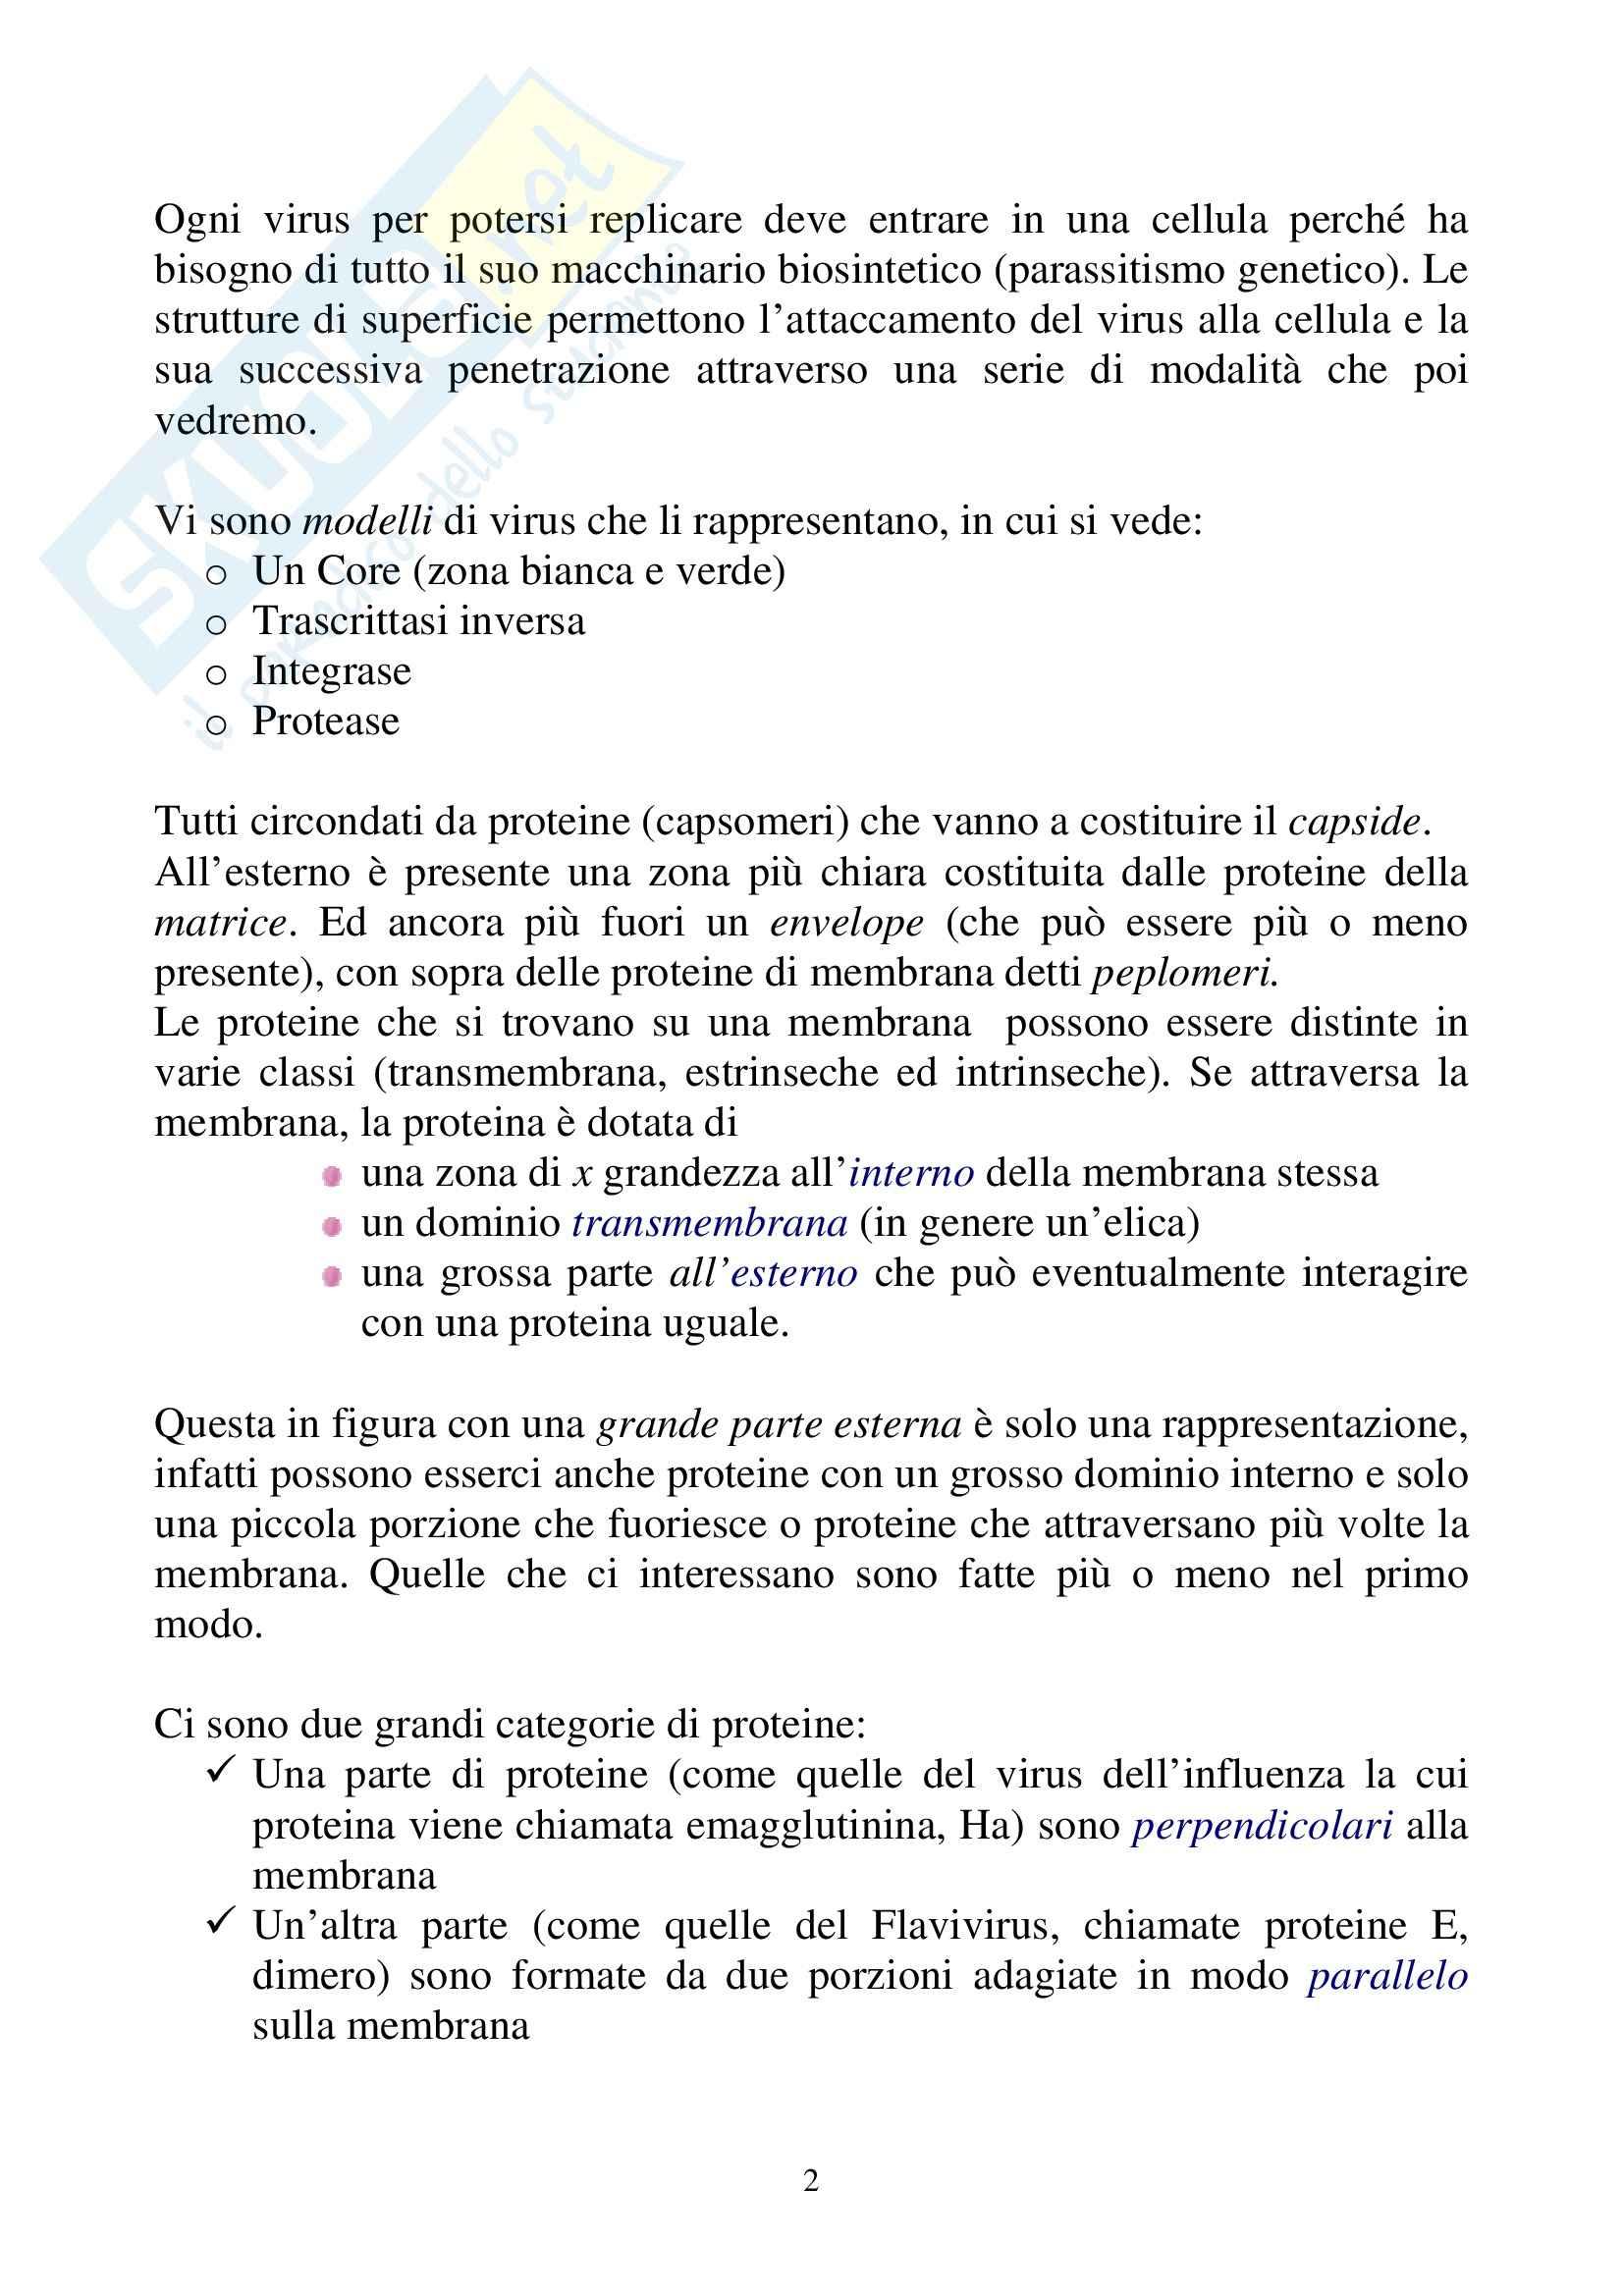 Microbiologia - virus Pag. 2